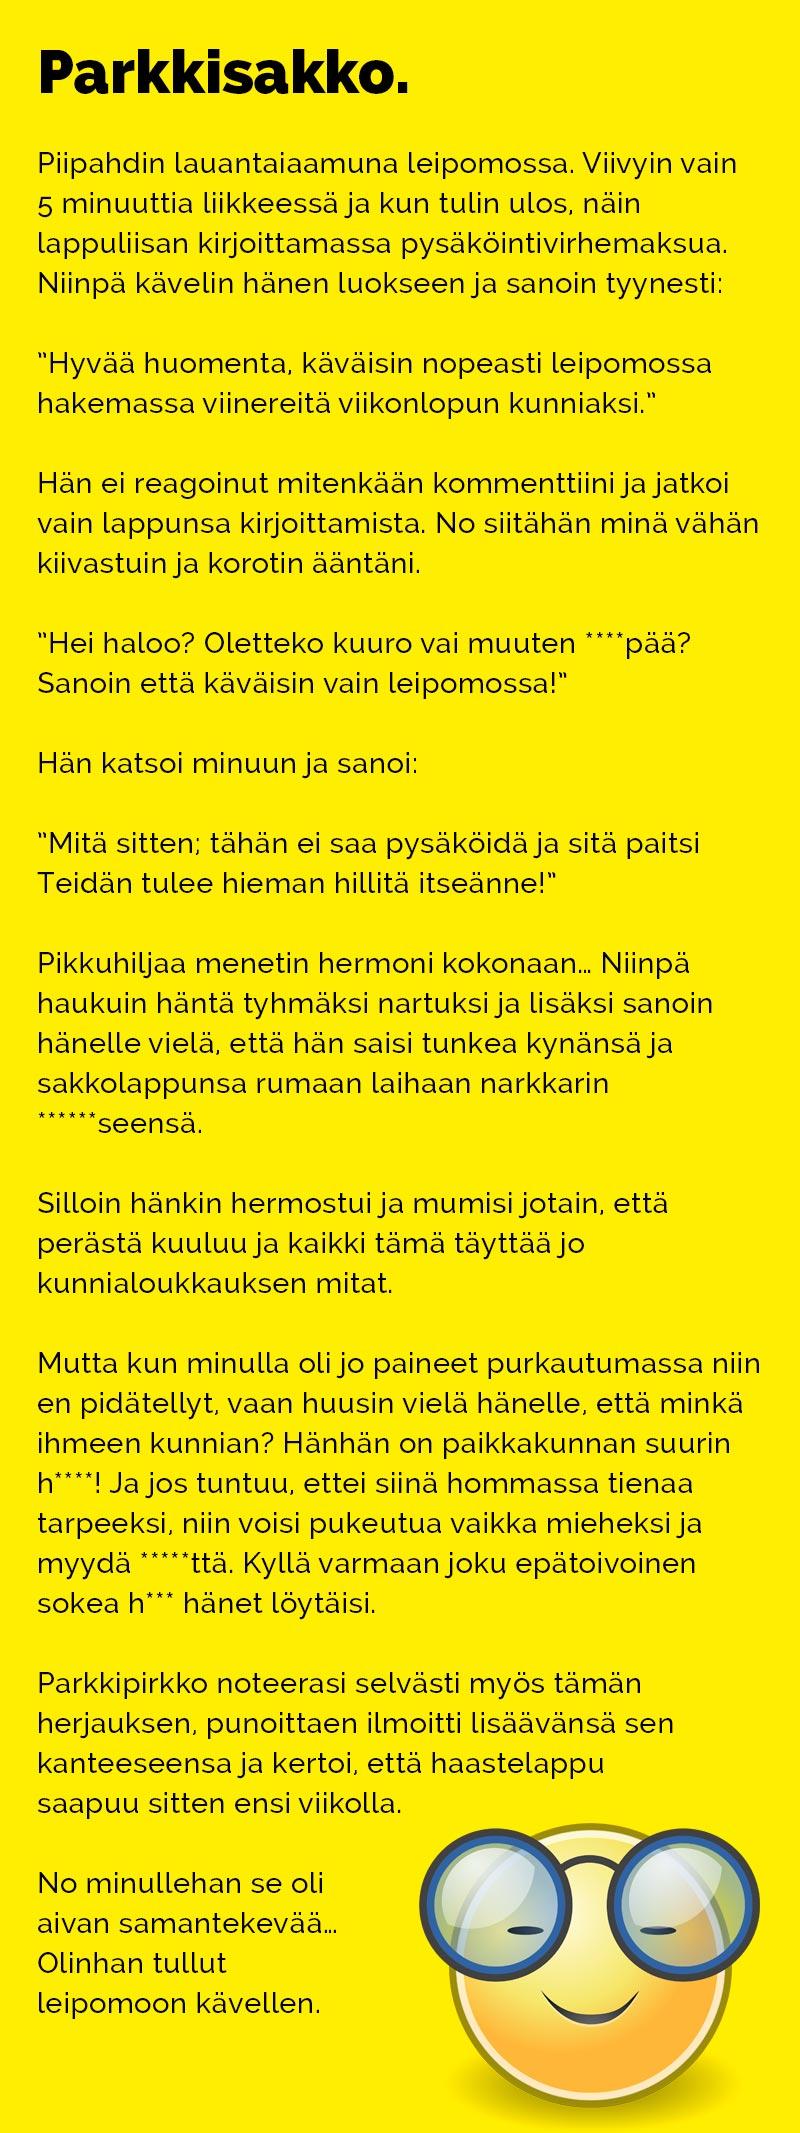 vitsit_parkkisakko_2